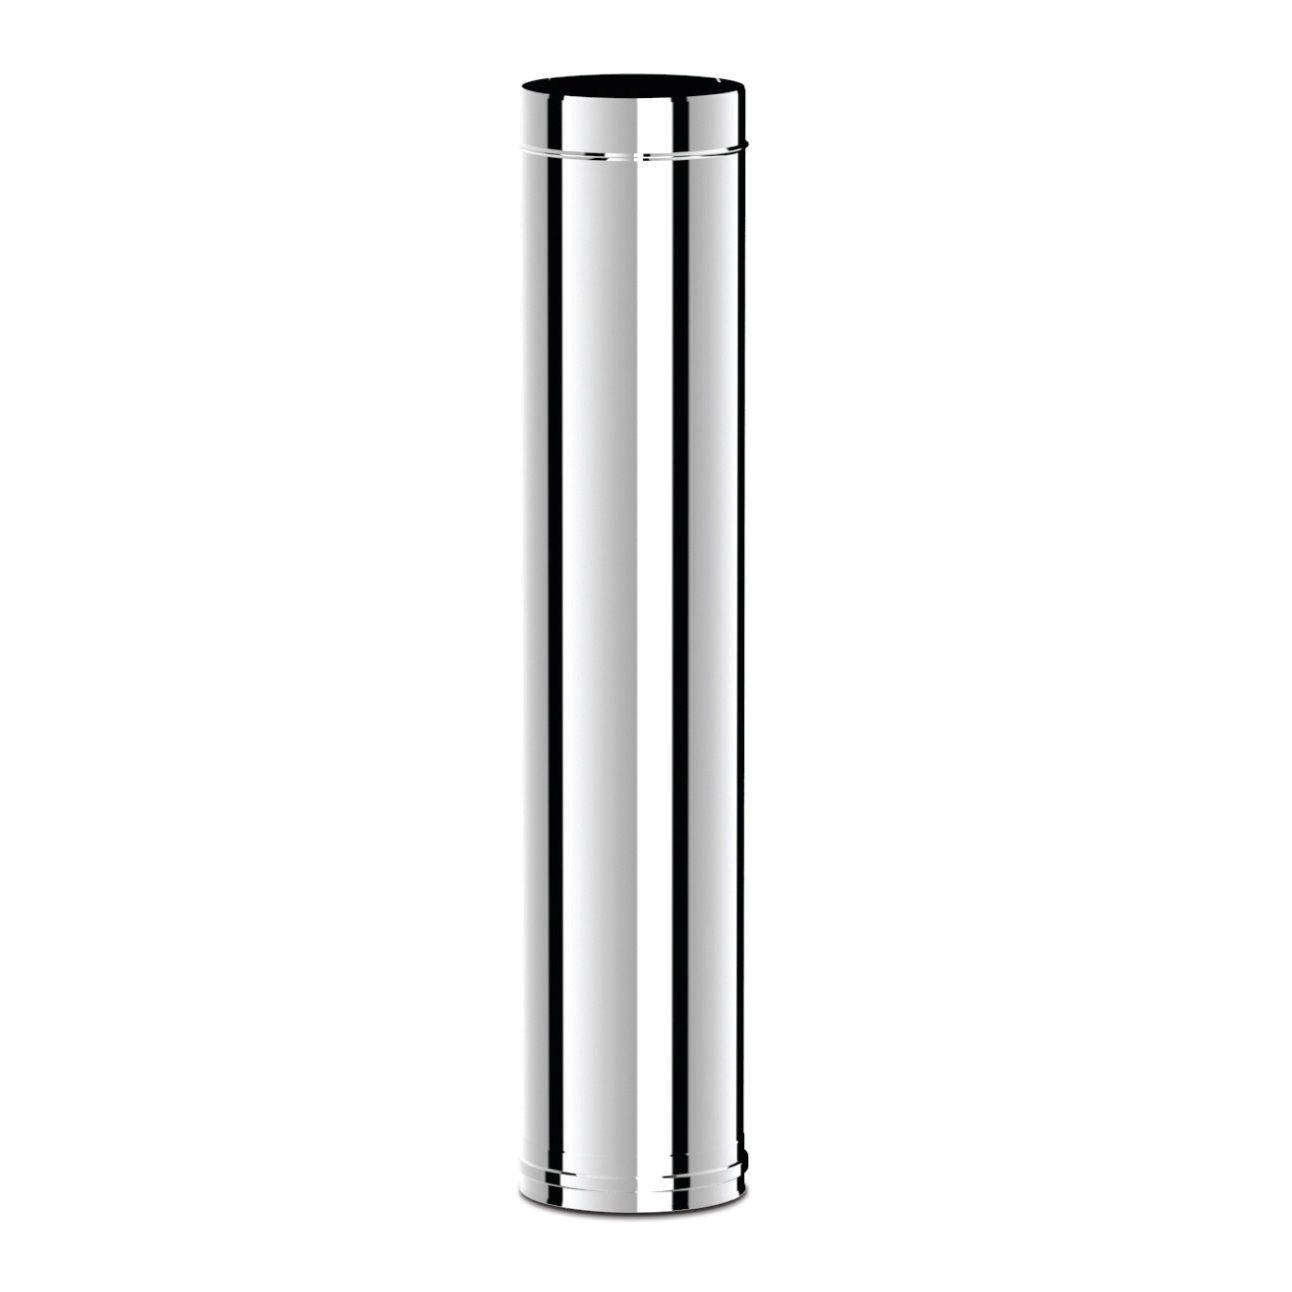 Ø150 Труба дымоходная 1000 mm (inox 304)